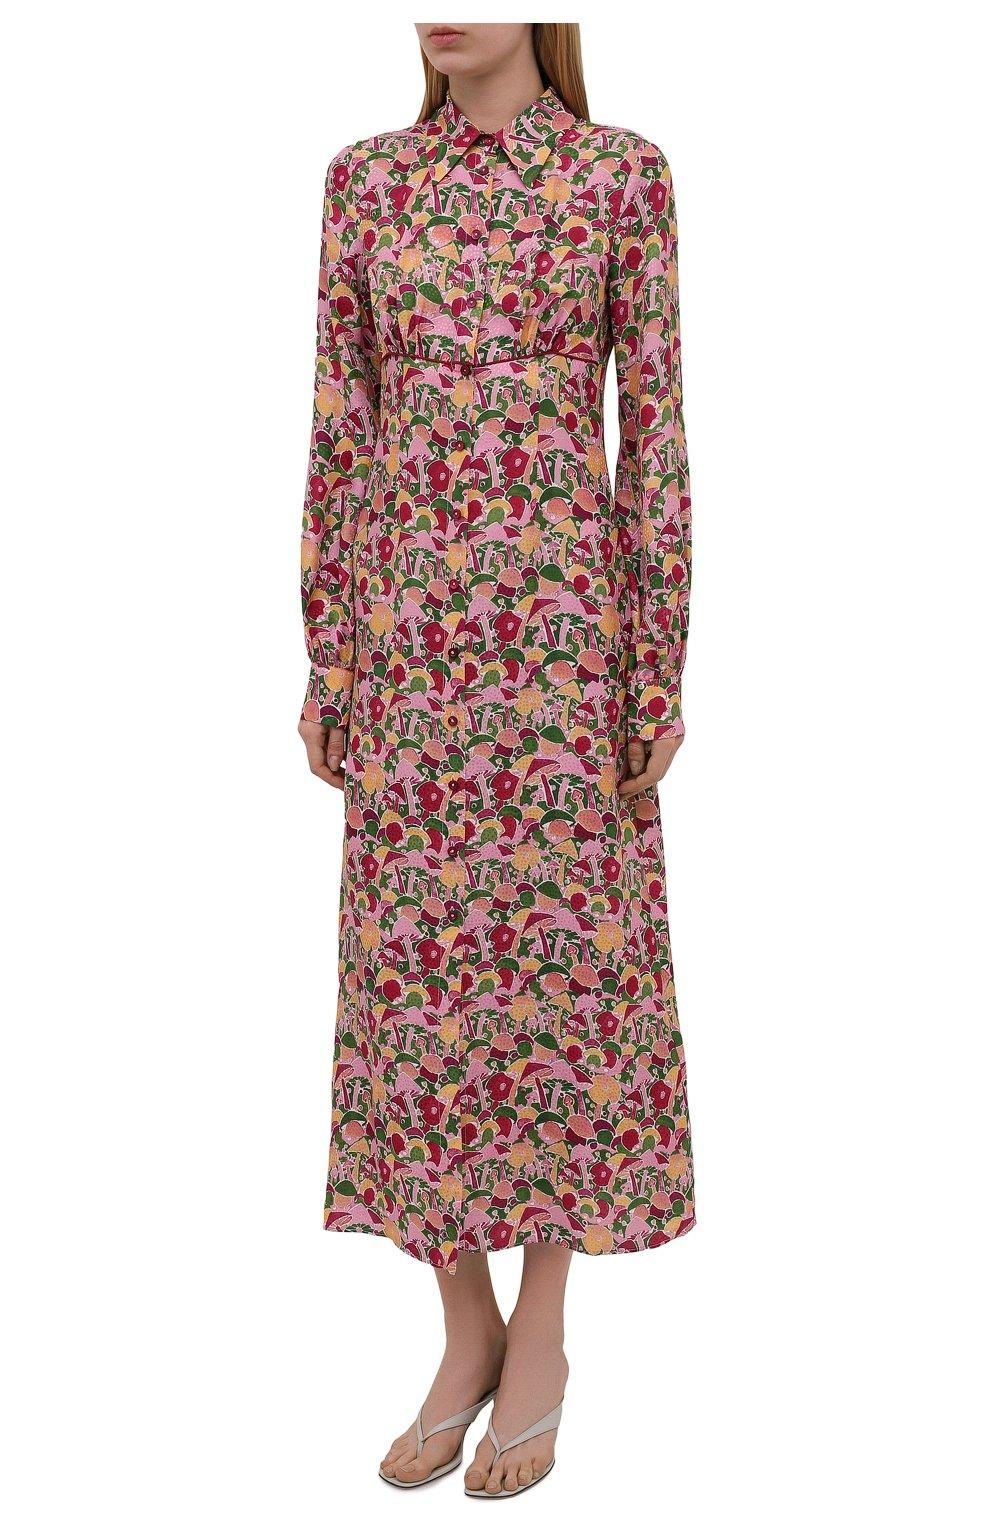 Женское платье из вискозы и шелка M MISSONI разноцветного цвета, арт. 2DG00545/2W0070 | Фото 3 (Женское Кросс-КТ: платье-рубашка, Платье-одежда; Материал внешний: Шелк, Вискоза; Рукава: Длинные; Случай: Повседневный; Длина Ж (юбки, платья, шорты): Миди; Стили: Бохо)